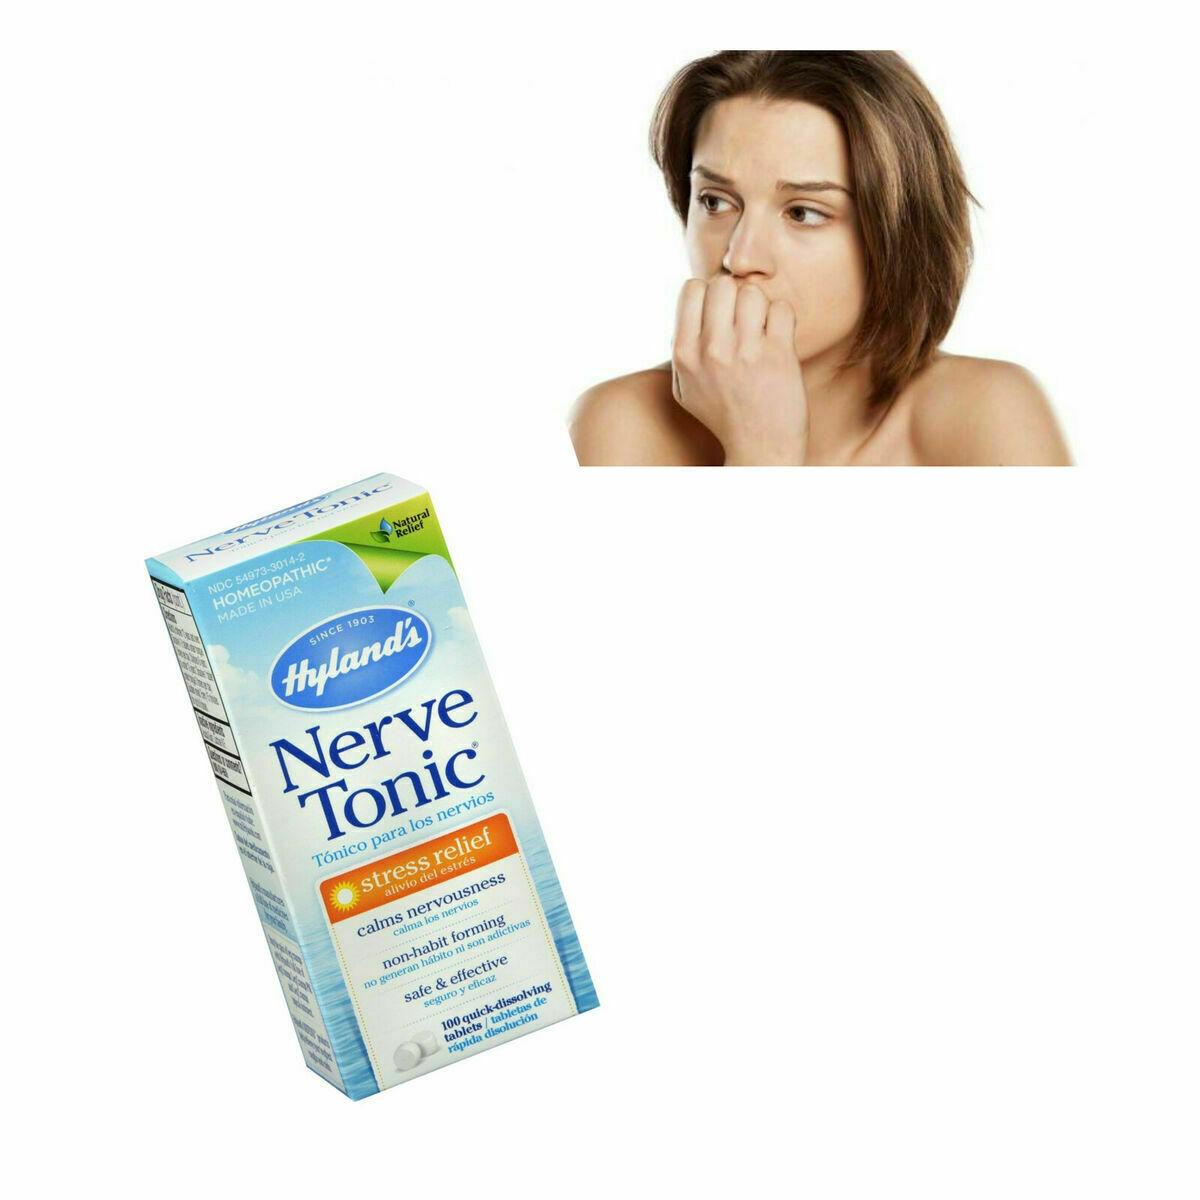 Pastillas Para Los Nervios Tratamiento Anti Estres Suplementos Aliviar Ansiedad 3